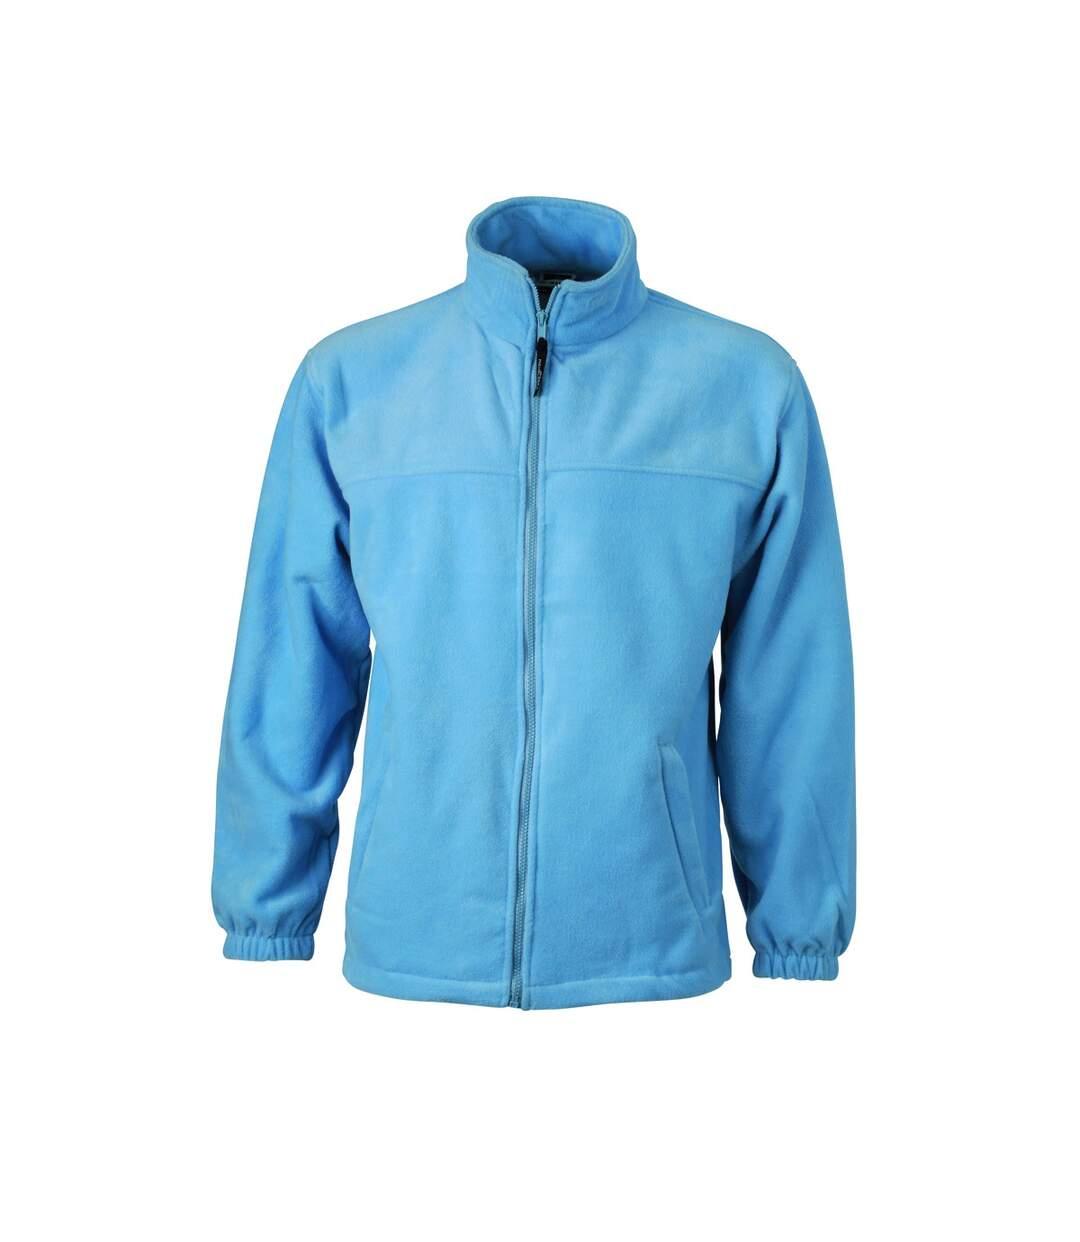 Veste polaire zippée homme - JN044 - bleu clair